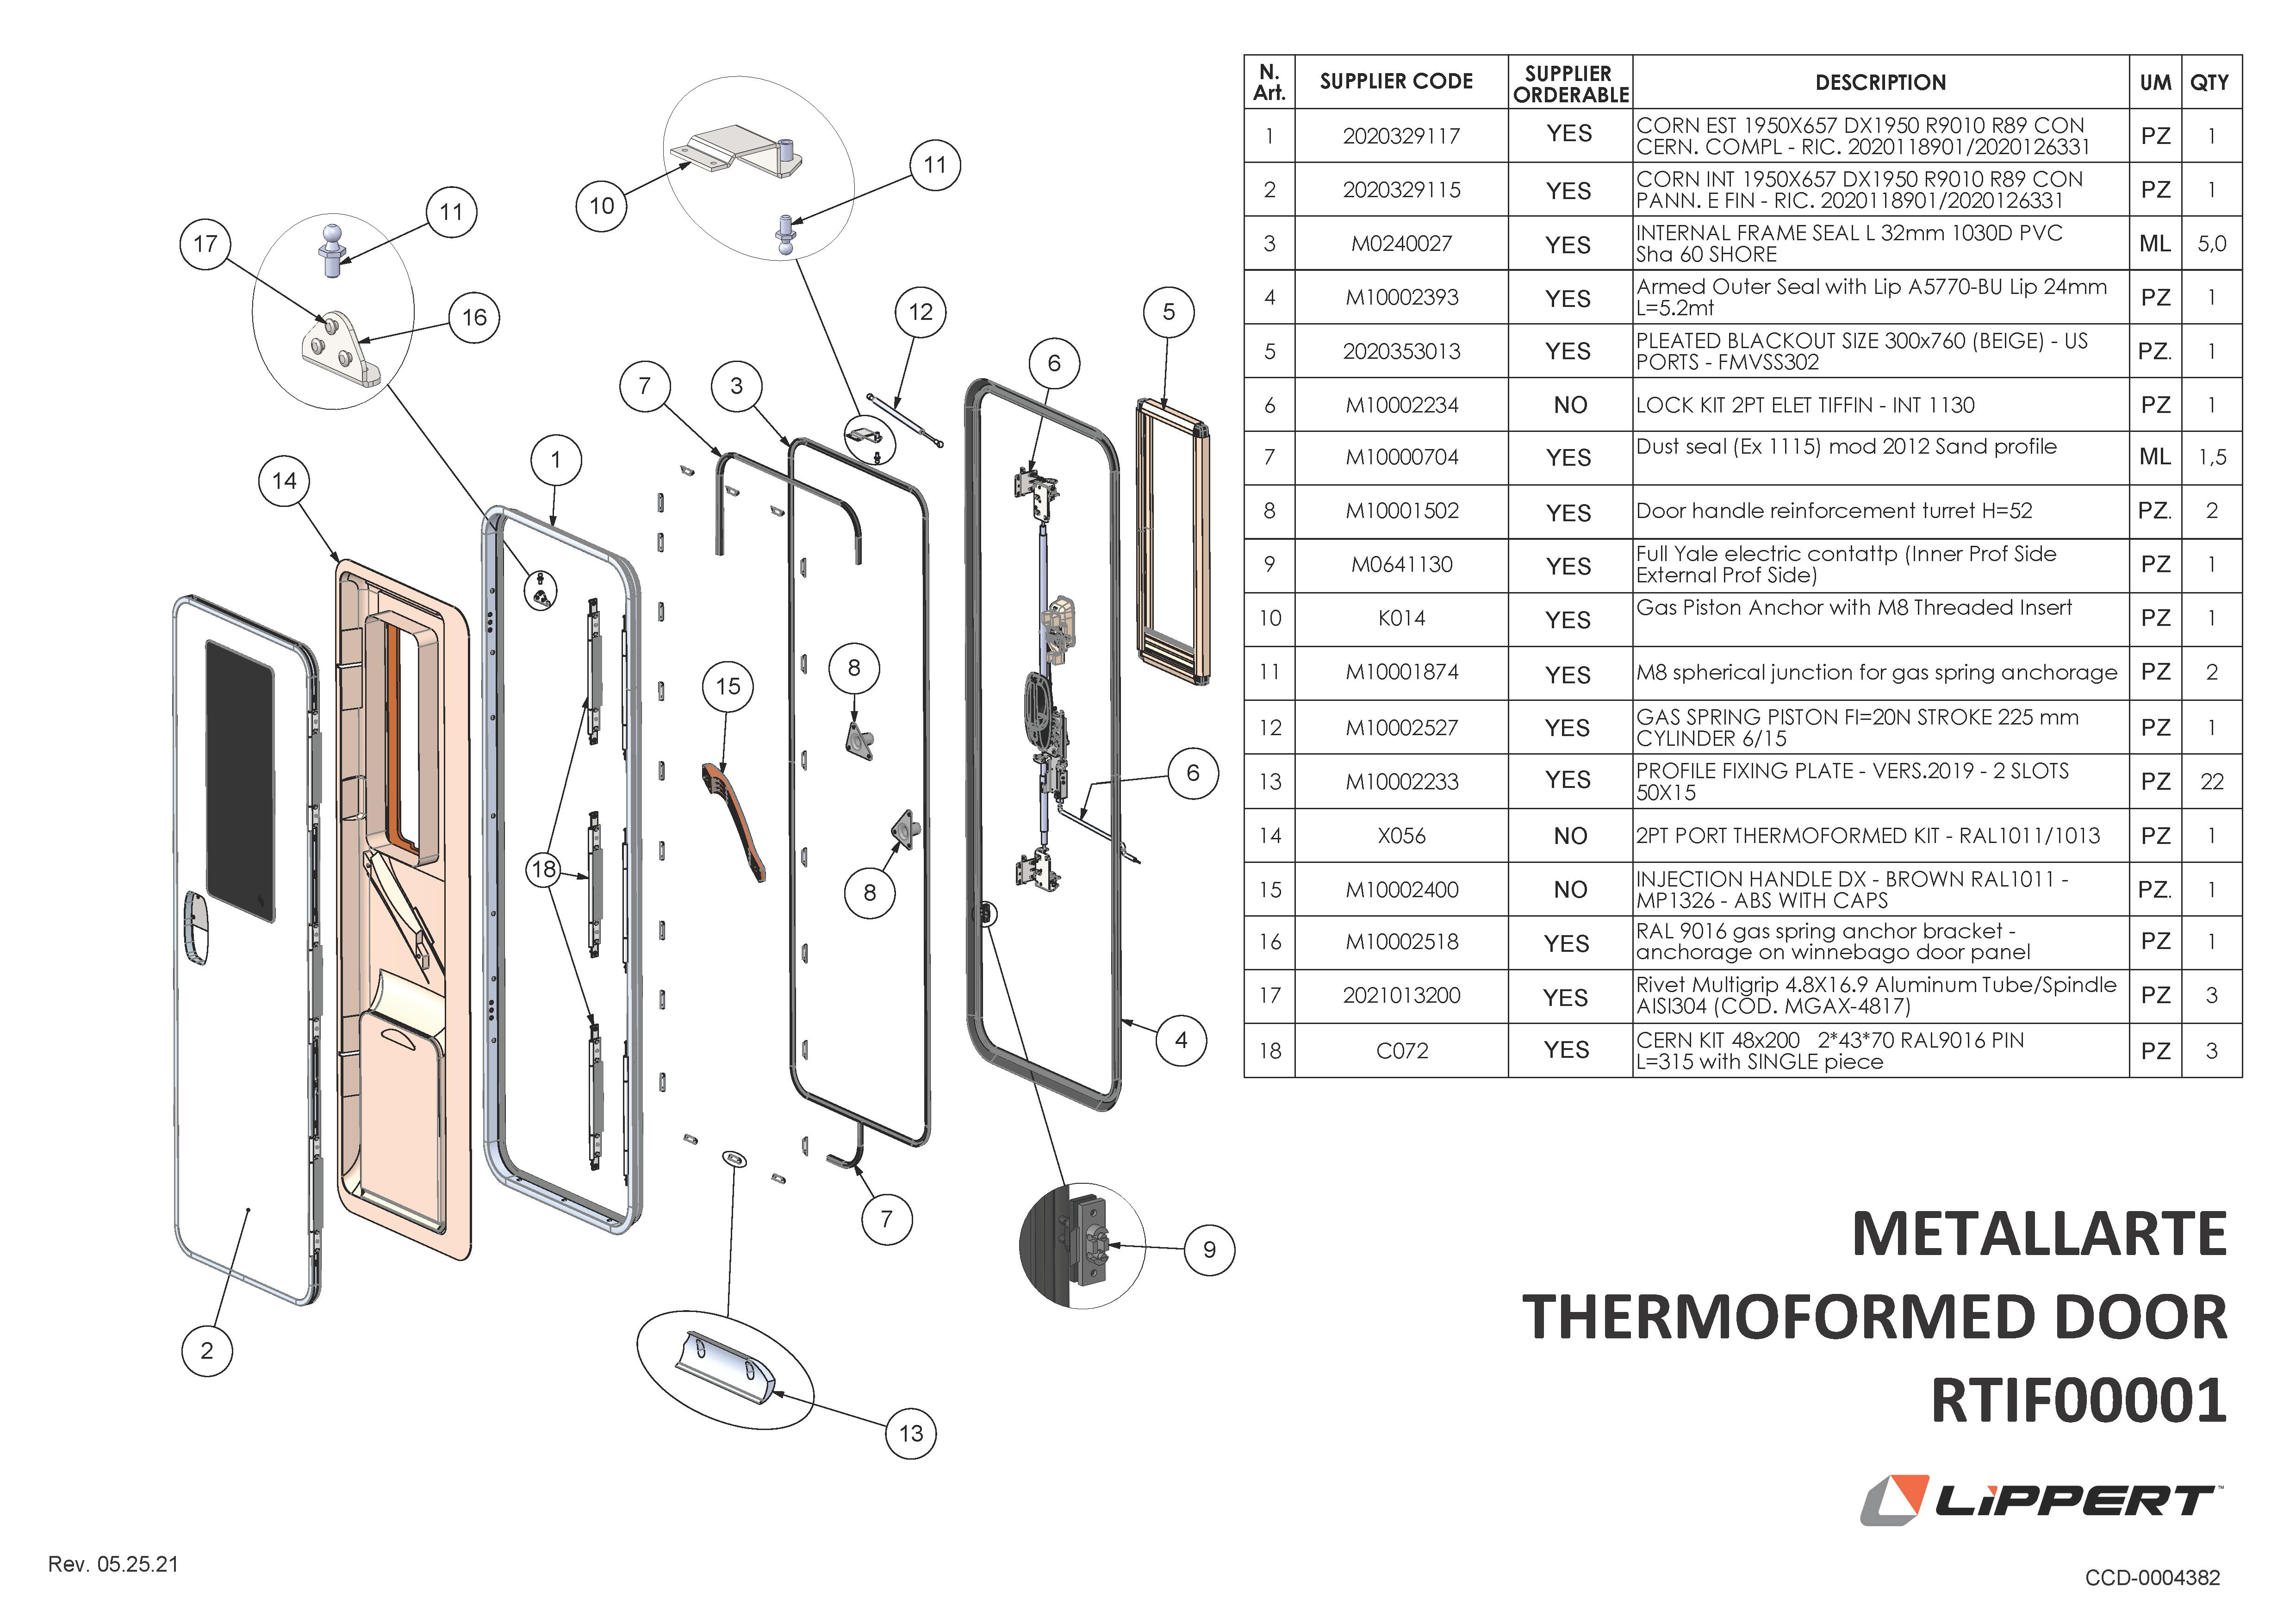 Metallarte Thermoformed Door RTIF00001 Components